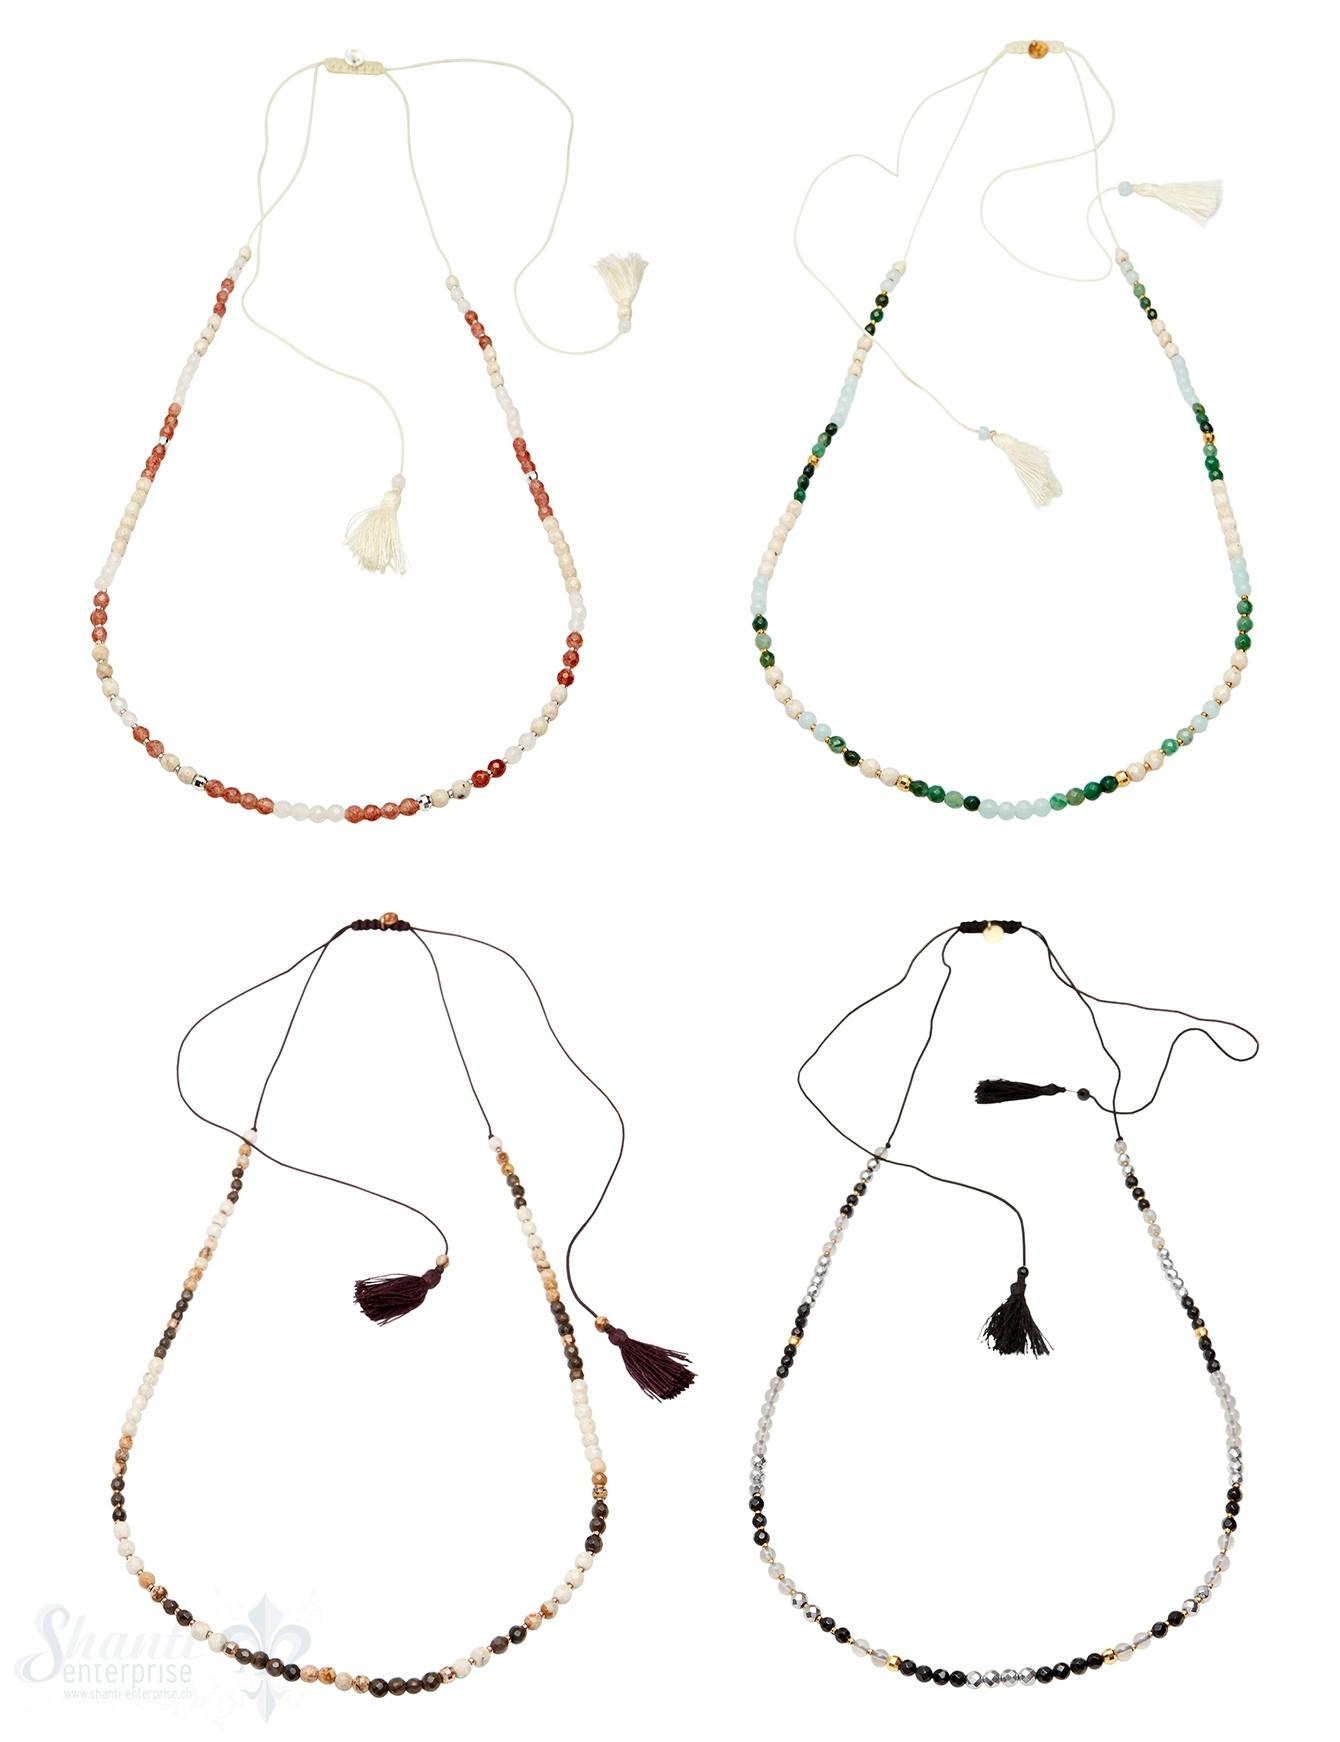 Halskette mit Stein & Silber 3.5 mm auf BW-Faden 36-85 cm verstellbar